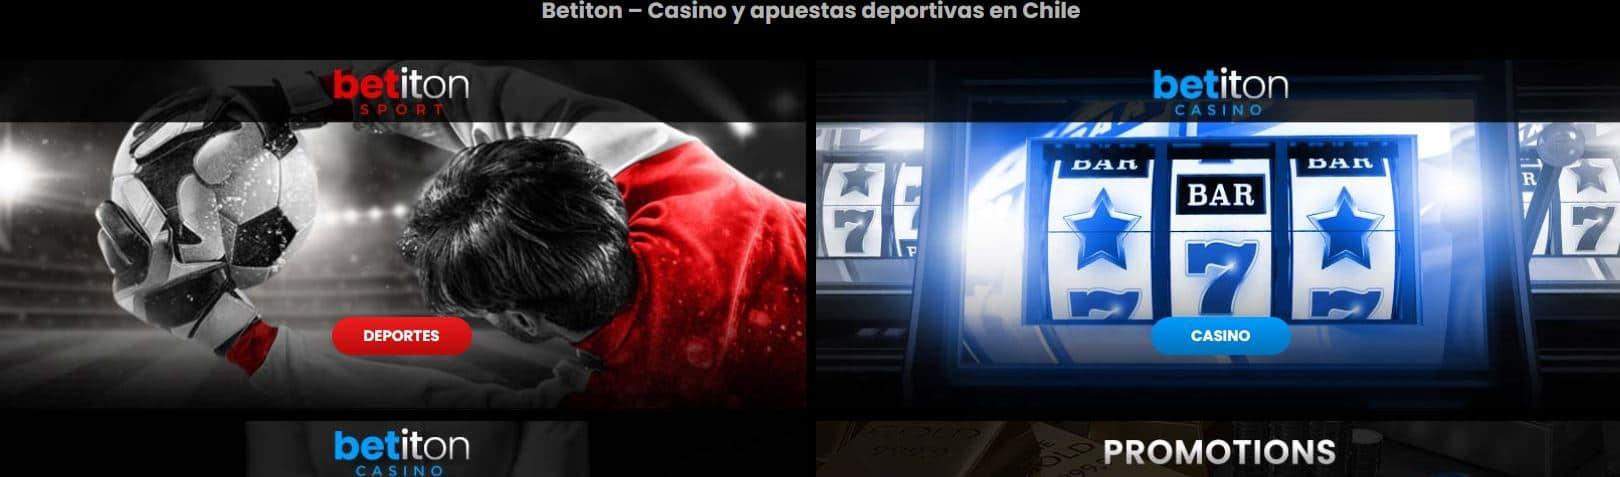 La plataforma de Betiton ofrece a los chilenos el acceso a lo mejor de los casinos